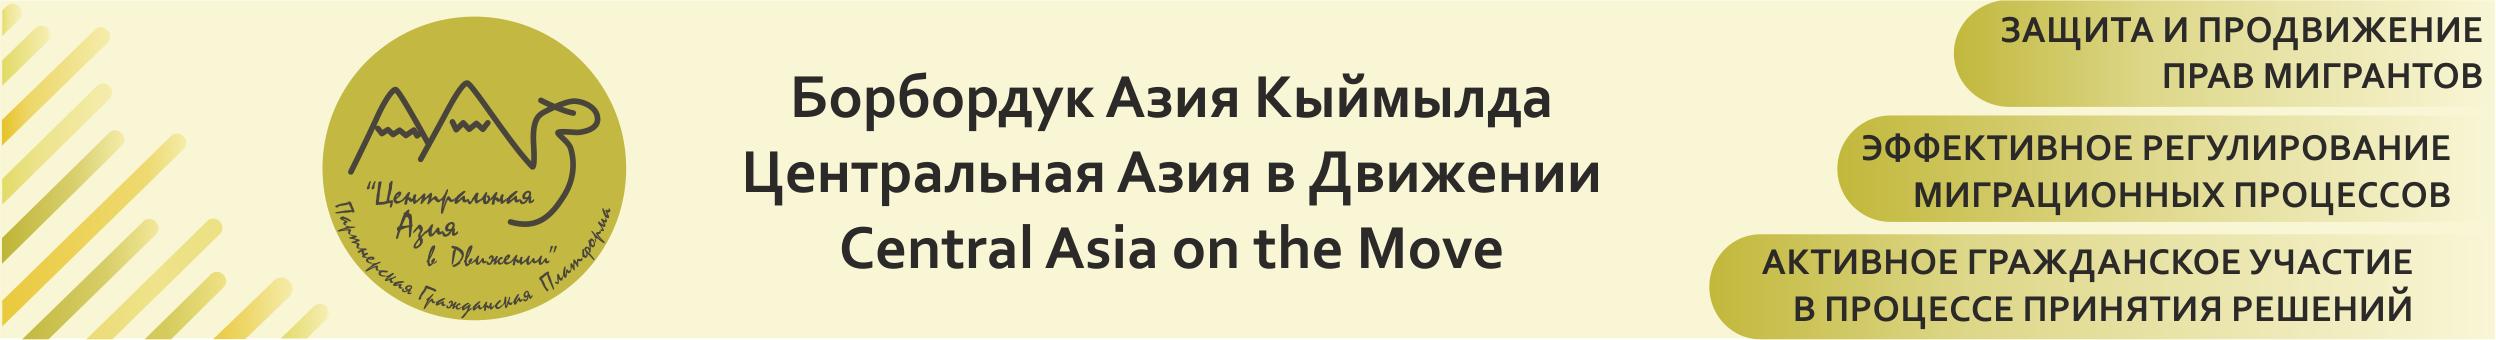 Центральная Азия в Движении